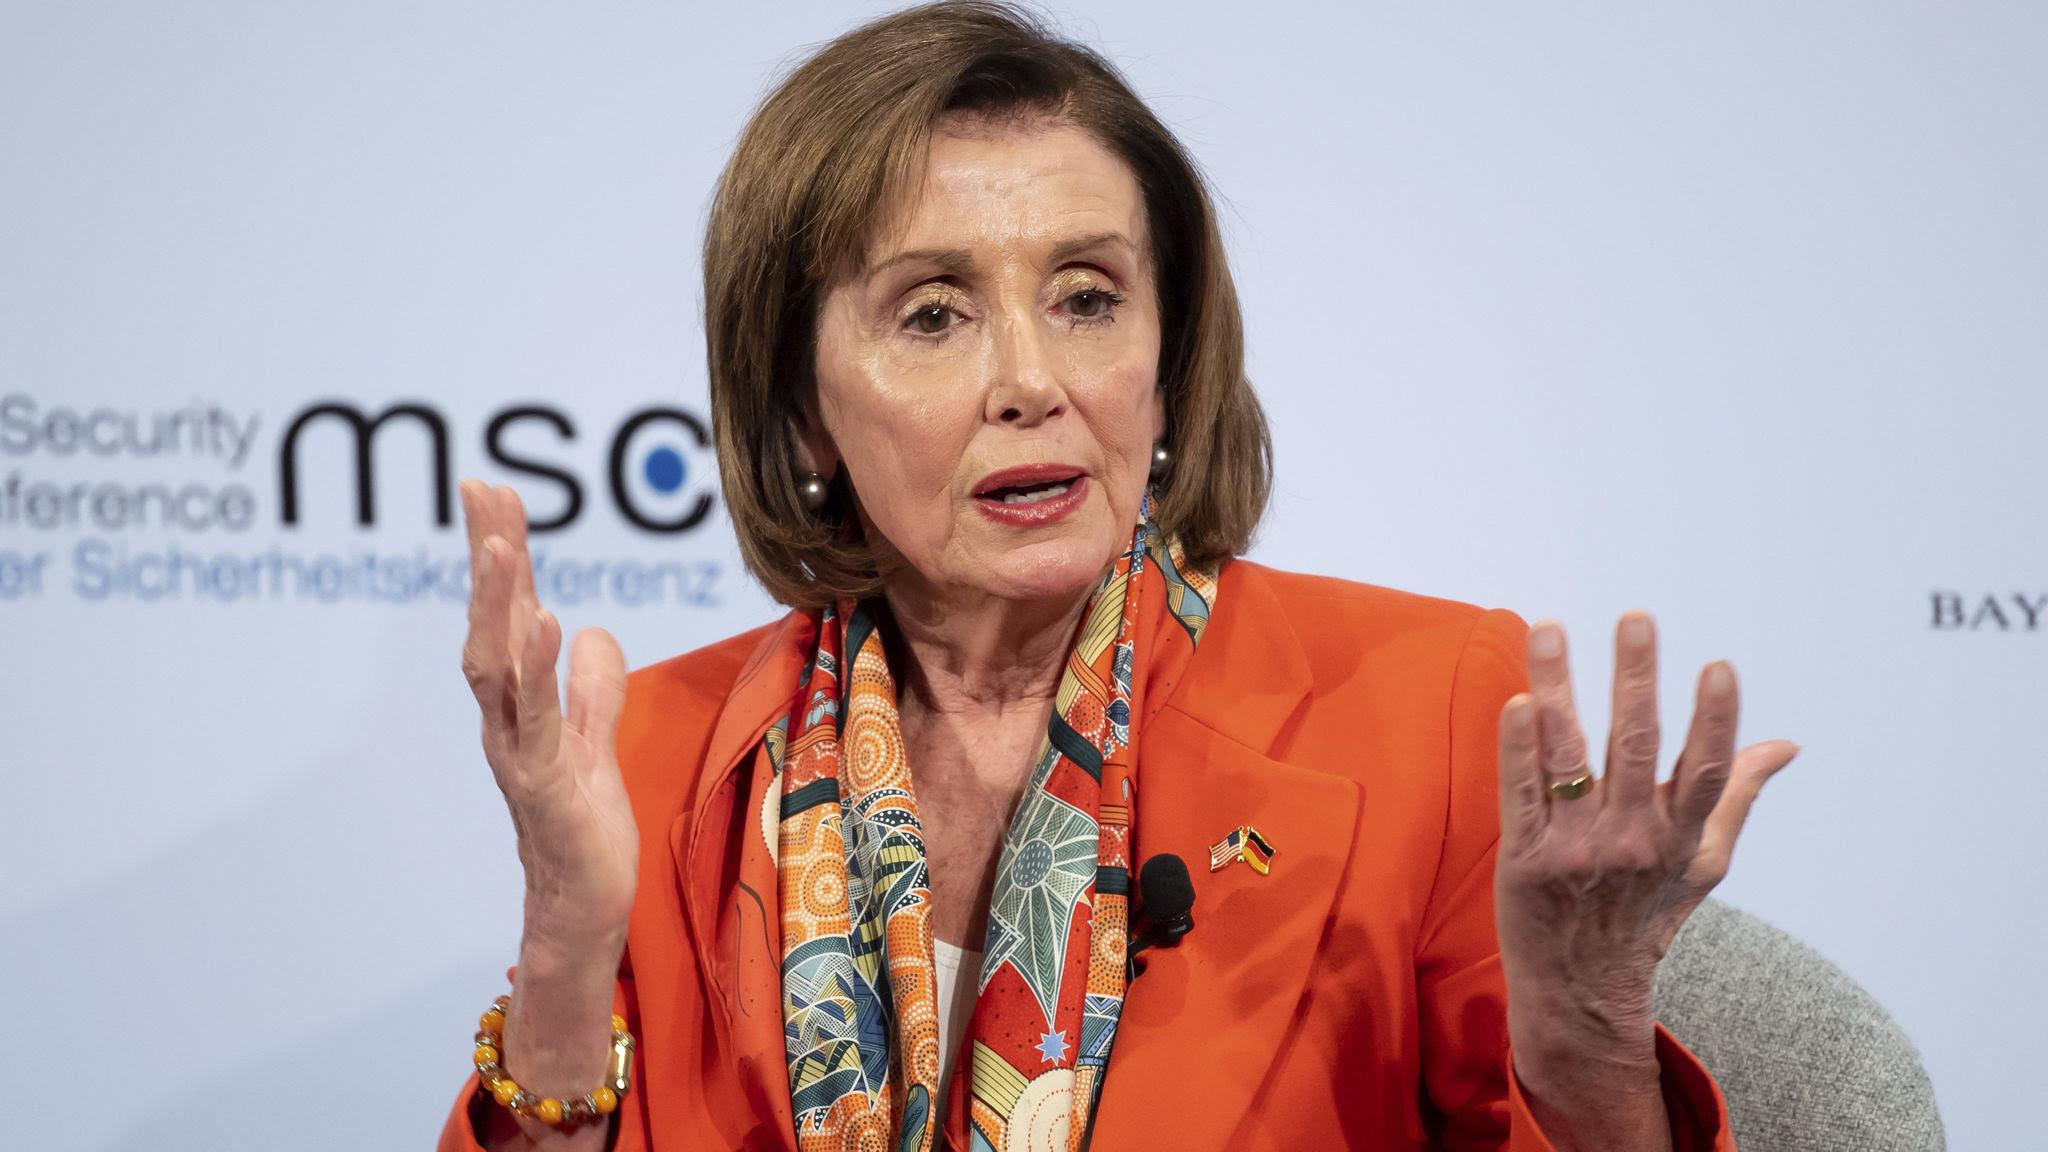 Nancy Pelosi Warns Europe Over Huawei 5g Dangers Financial Times